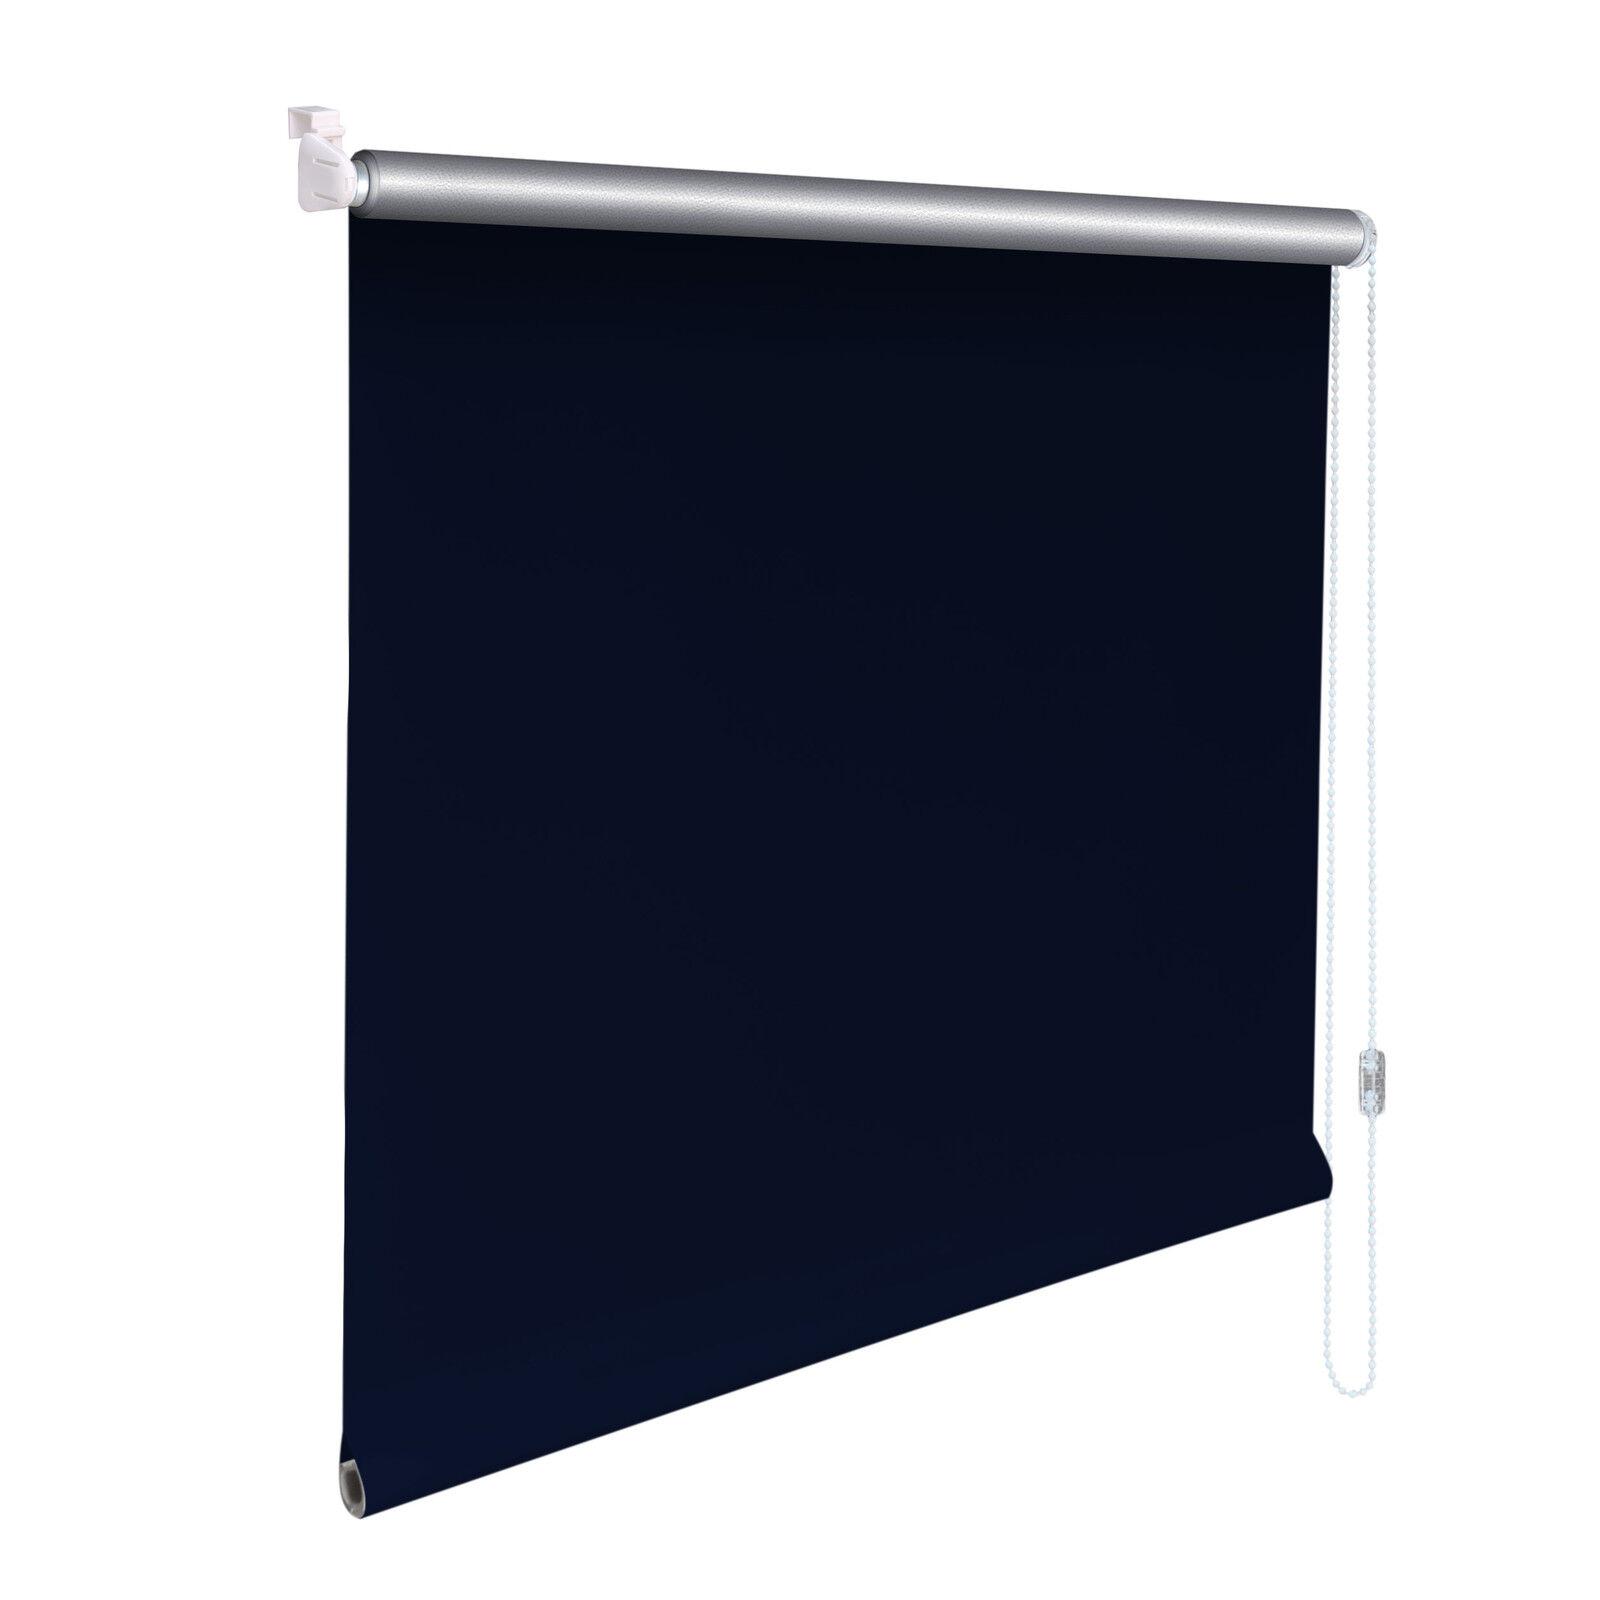 Minirollo Klemmfix THERMO Rollo Verdunkelungsrollo - Höhe 160 cm blau | Fein Verarbeitet